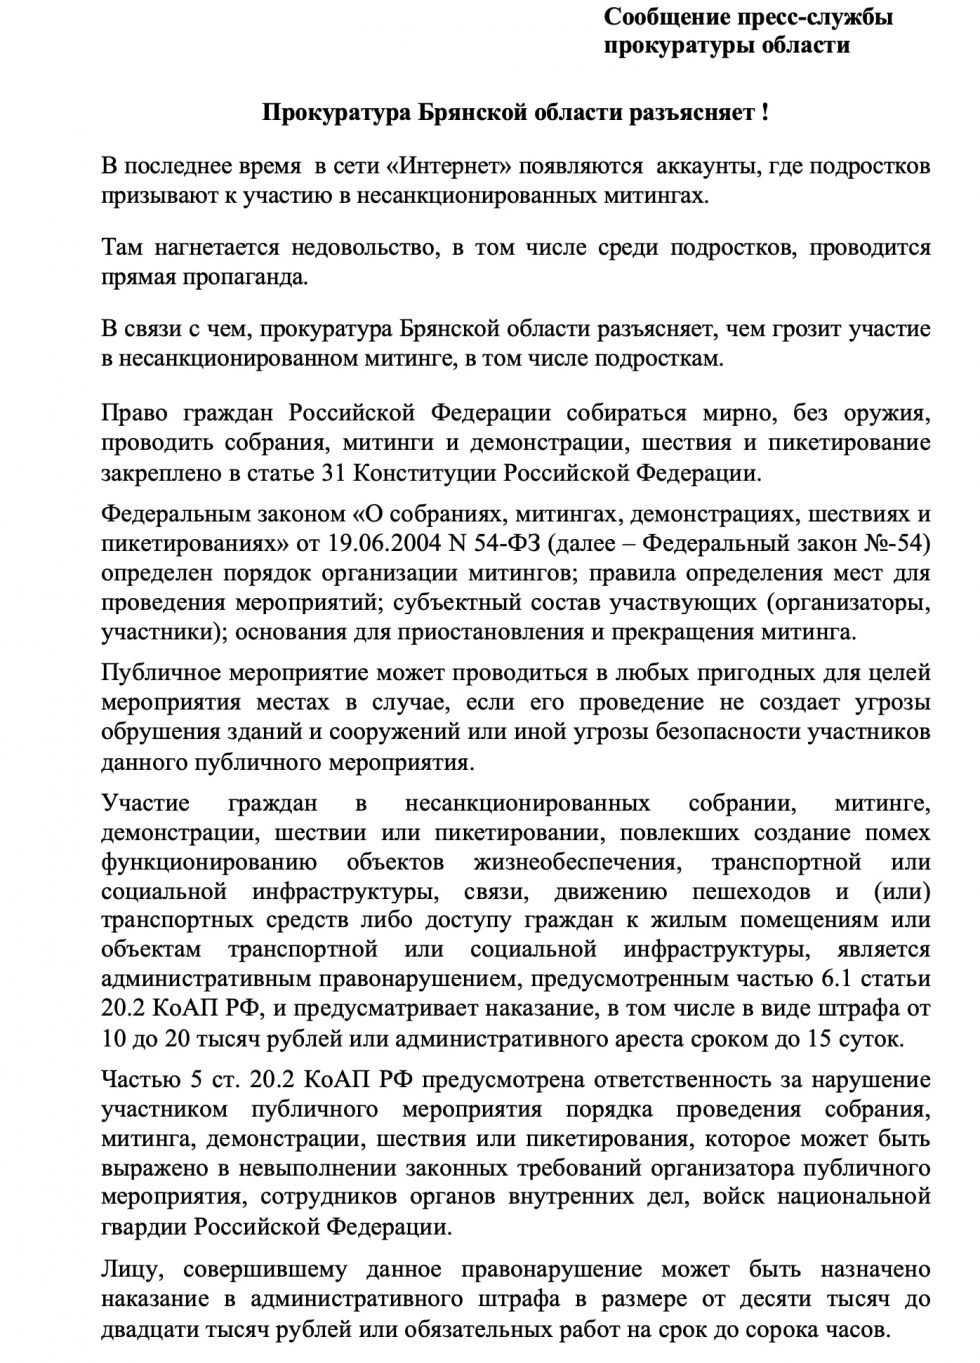 Брянская прокуратура предупредила провокаторов